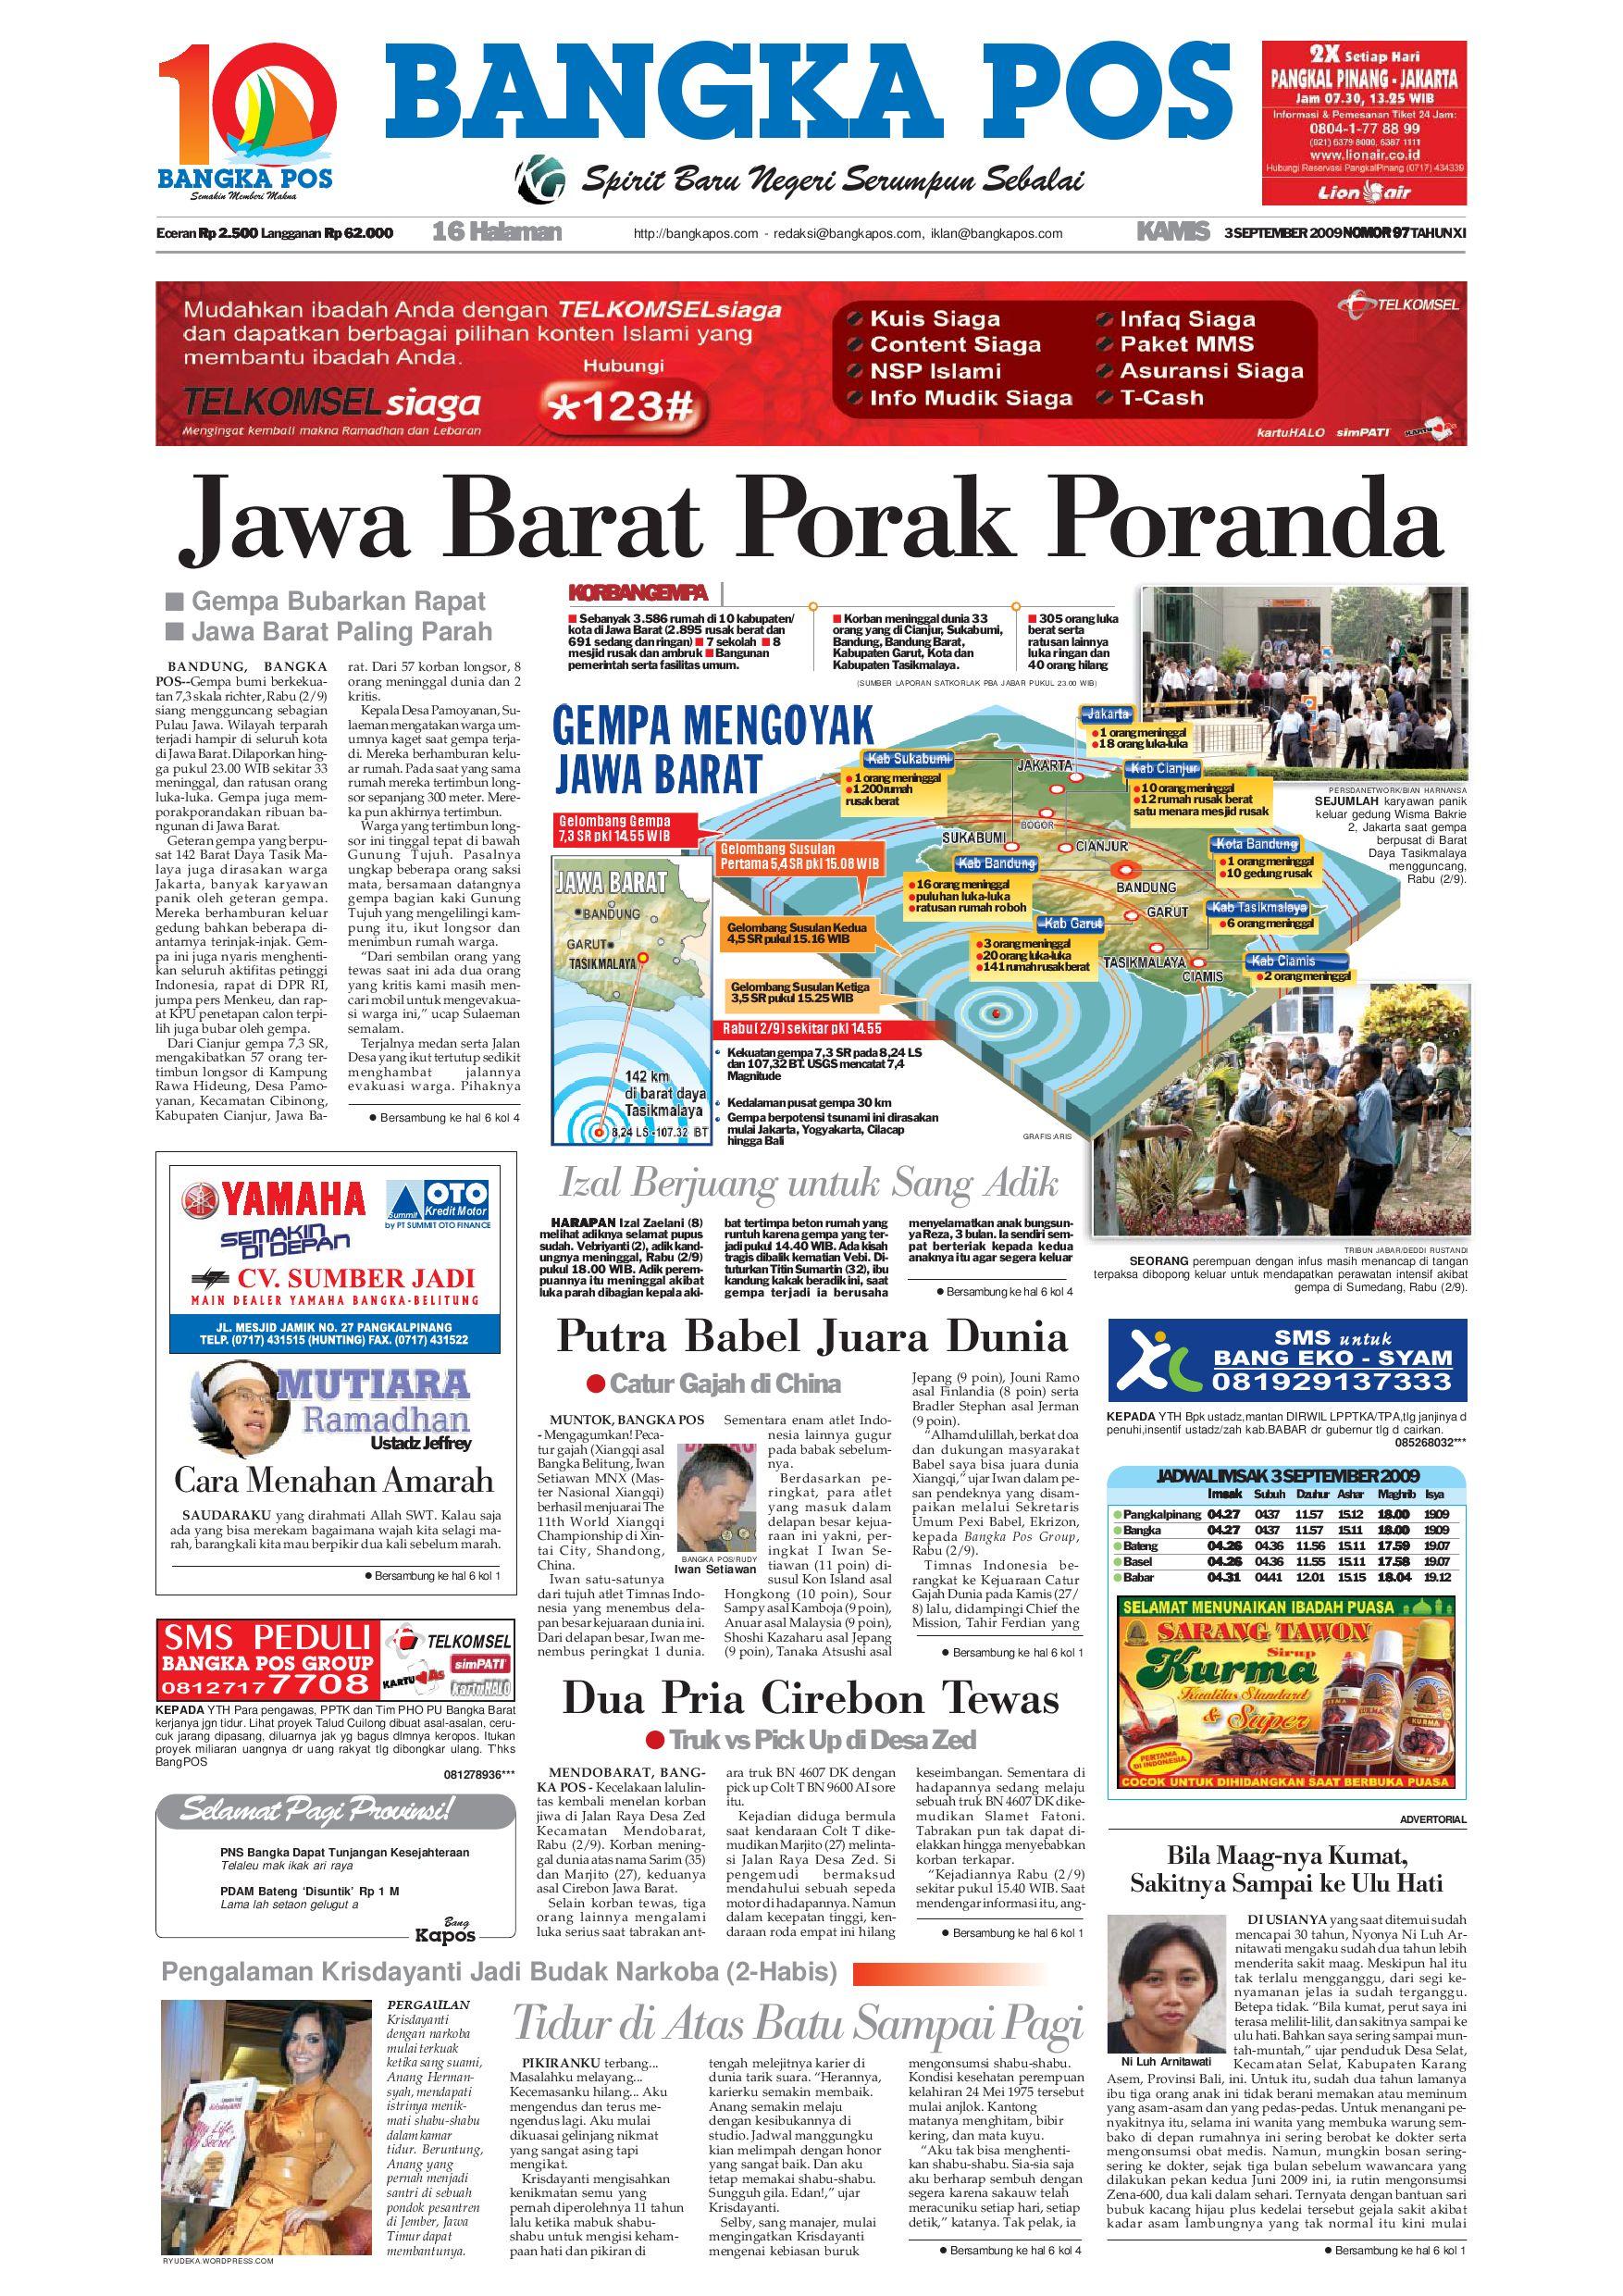 Harian Pagi Bangka Pos Edisi 03 September 2009 by bangka pos - issuu 9916c5066d